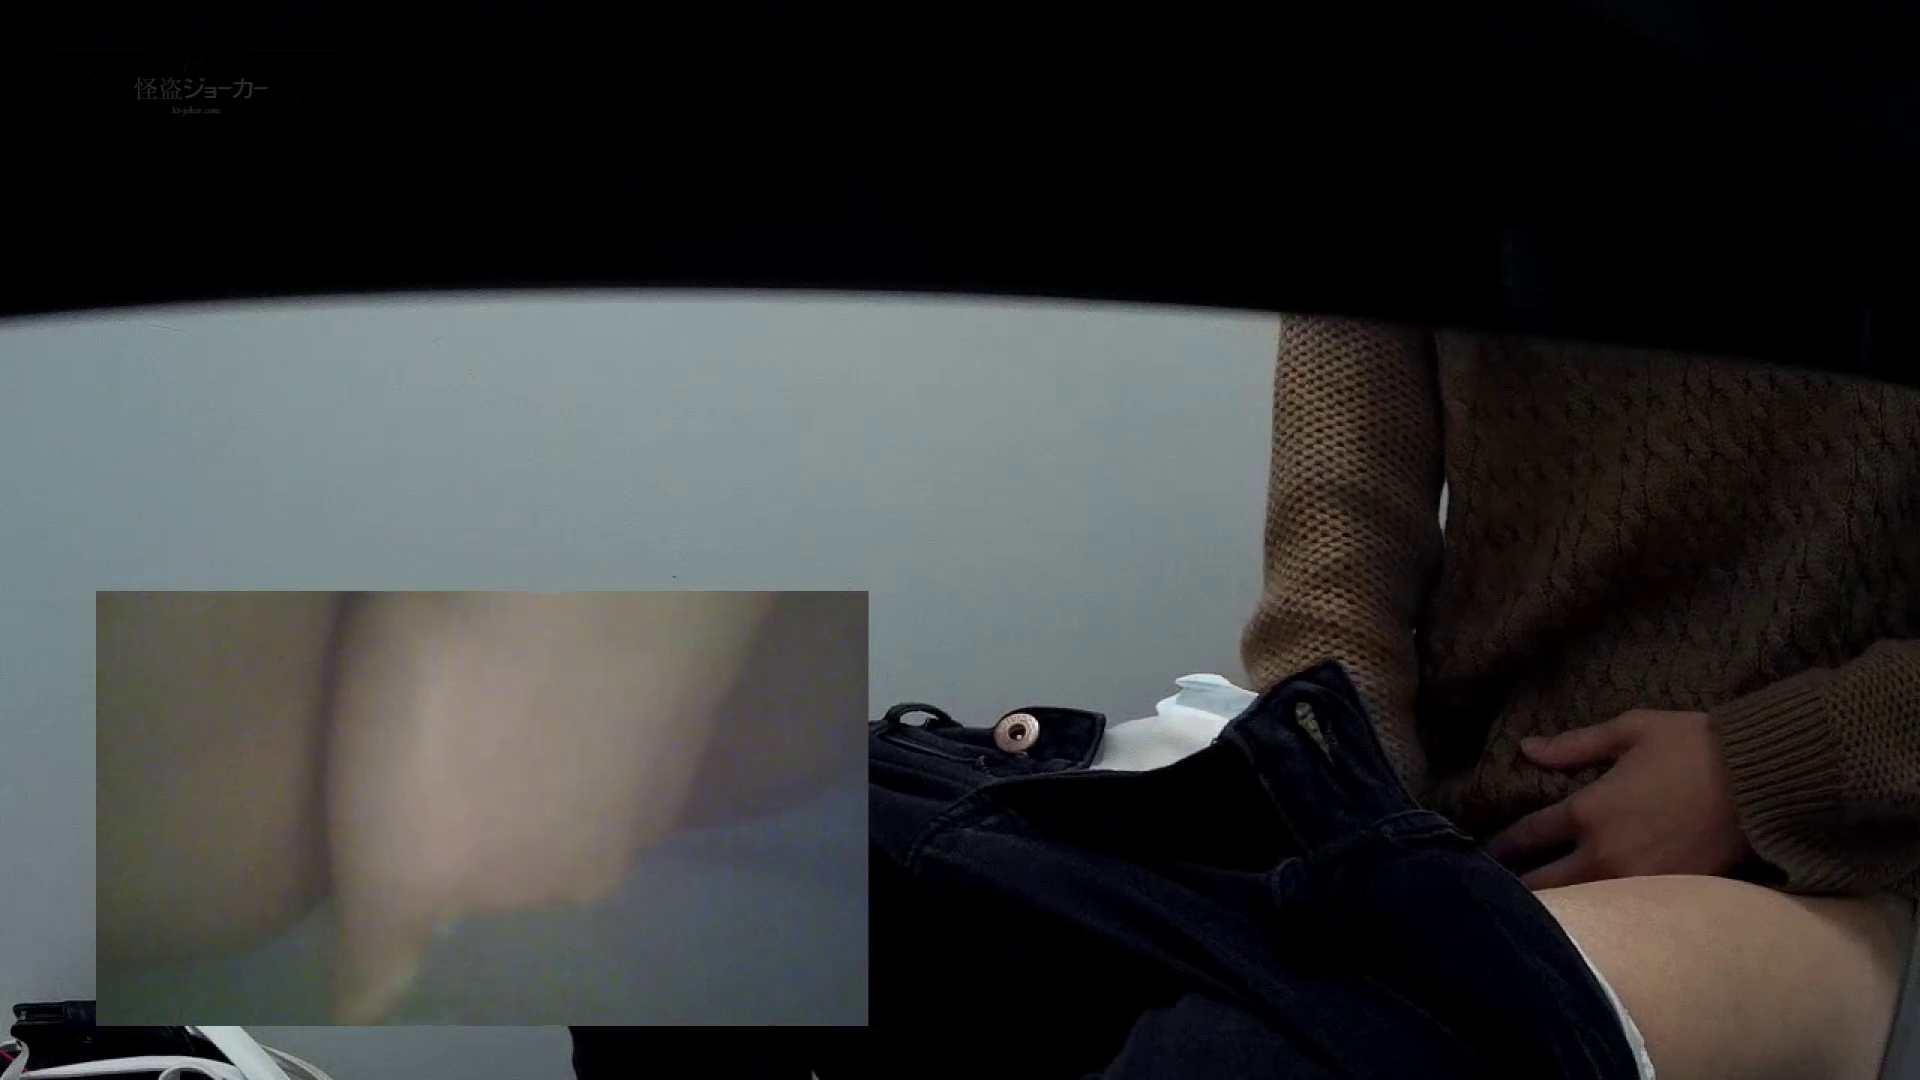 有名大学女性洗面所 vol.54 設置撮影最高峰!! 3視点でじっくり観察 丸見えマンコ   潜入  90画像 35